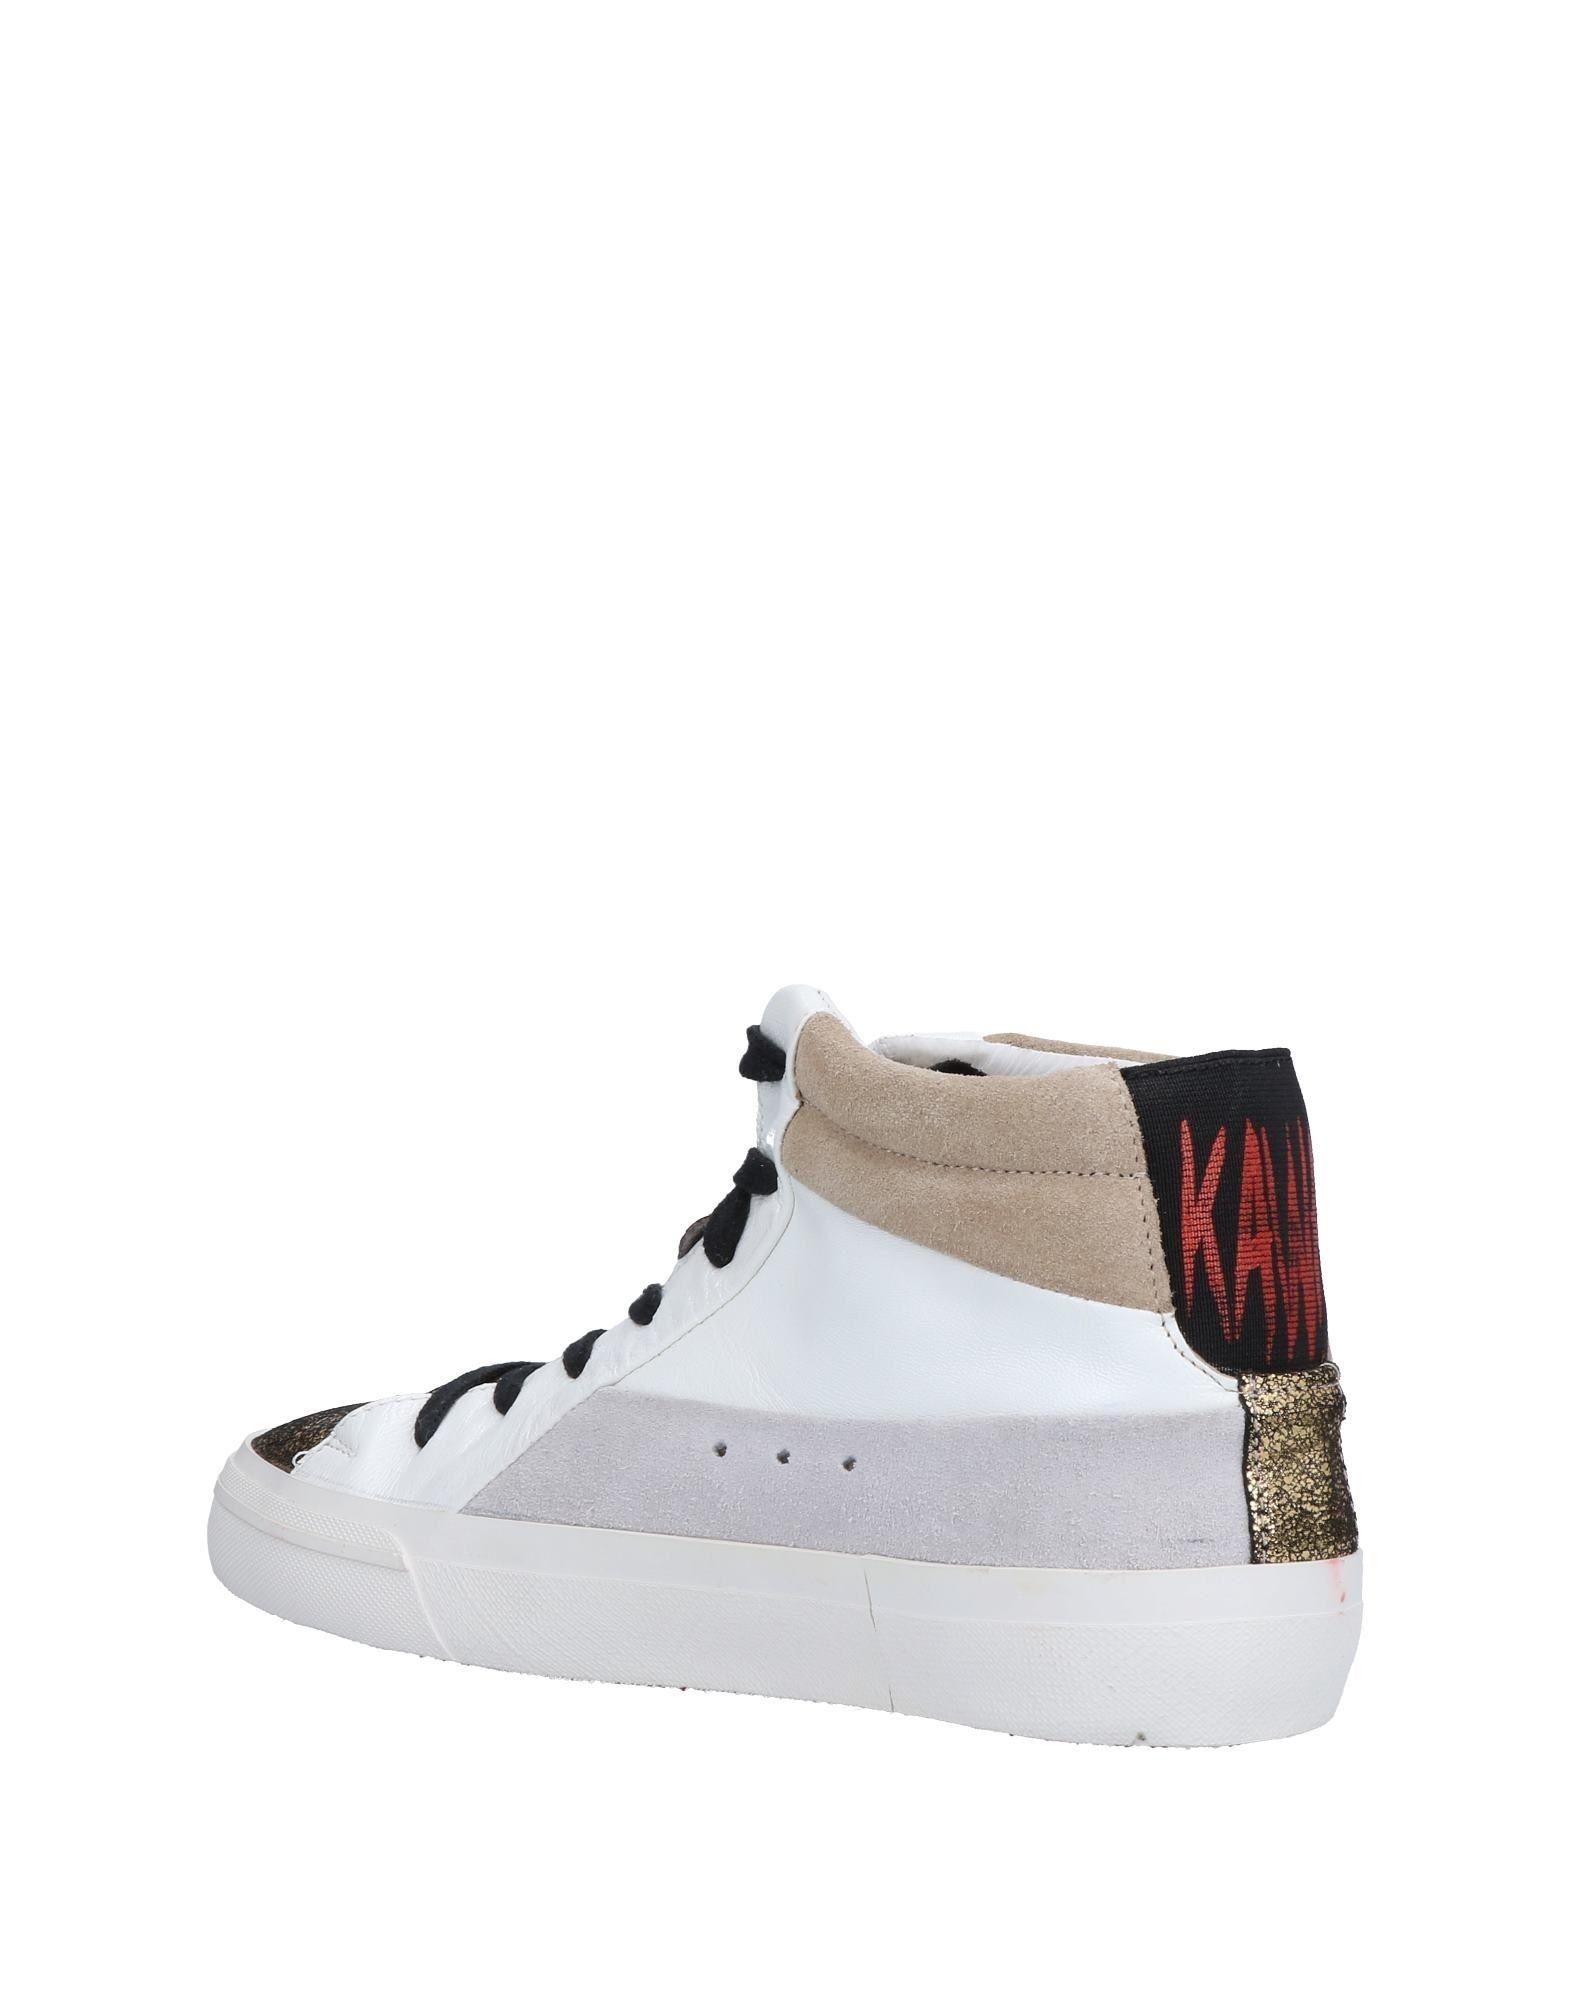 Ishikawa Sneakers Herren  11520382LM 11520382LM  a43c26